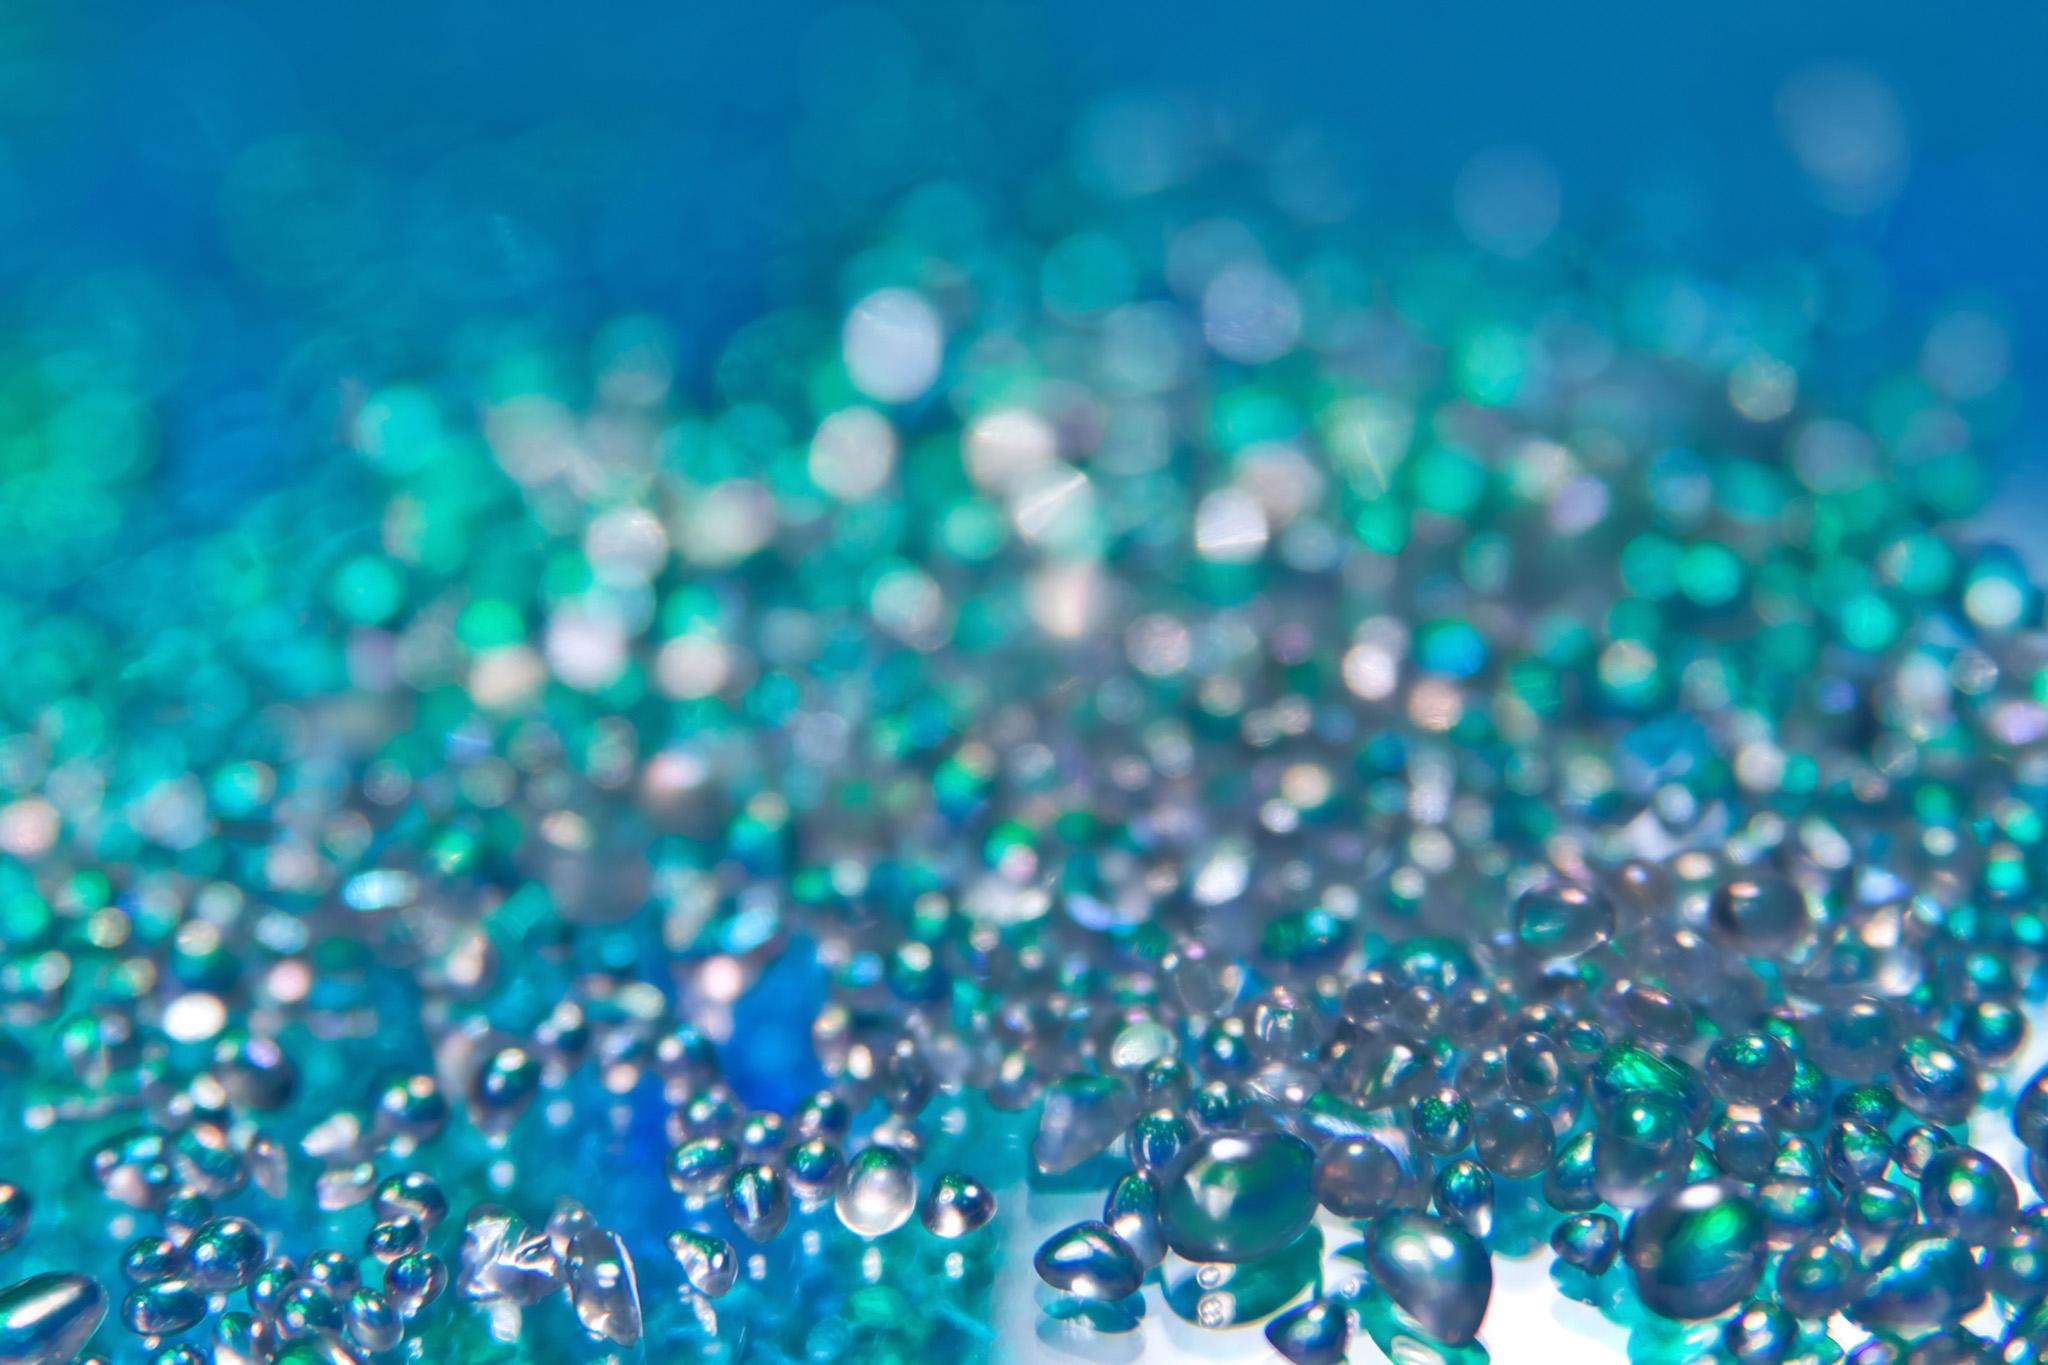 「海底に煌めく宝石のようなイメージ」